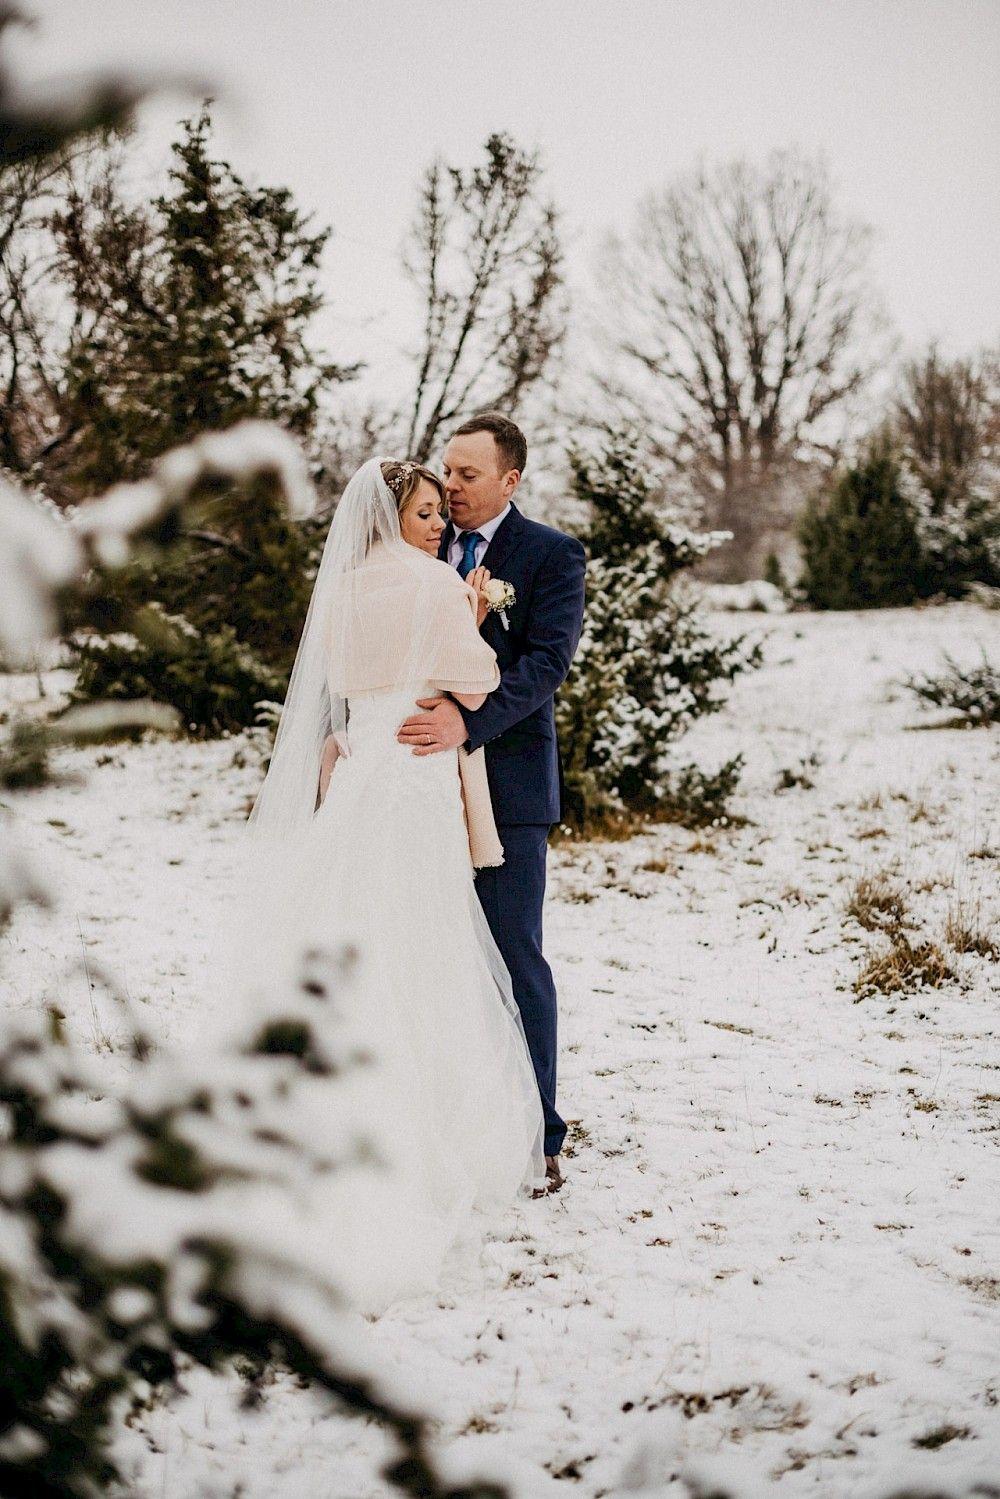 Das Brautpaar Im Schnee Hochzeit Winter Schnee Brautpaar Brautpaar Hochzeitstorte Anschneiden Winterhochzeit